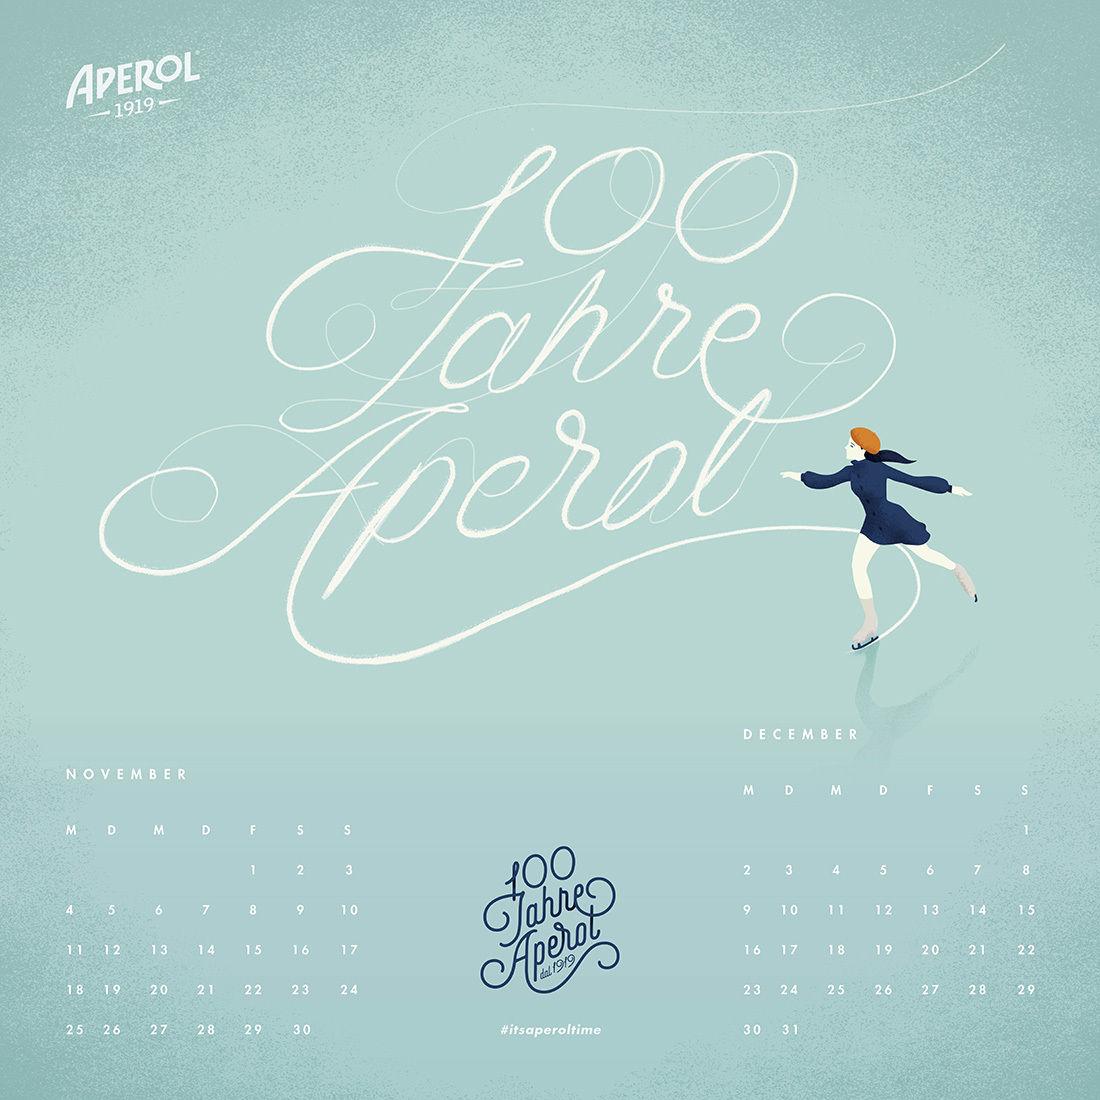 ANDREA DE SANTIS // 100 JAHRE APEROL